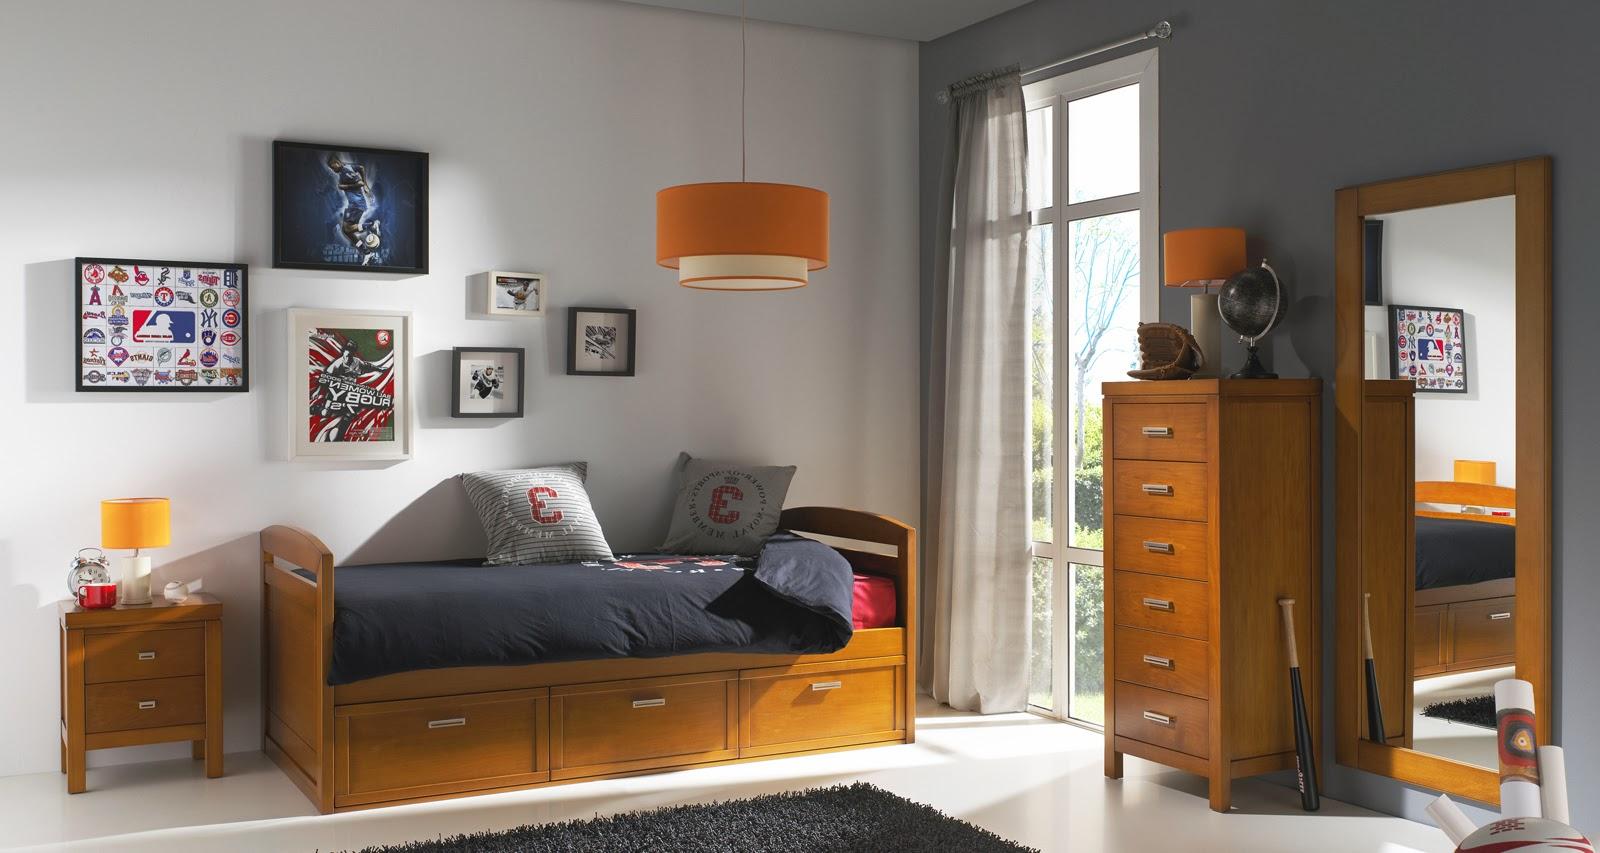 Tudecora una tienda online que no olvida el trato - Muebles juveniles dormitorios ...